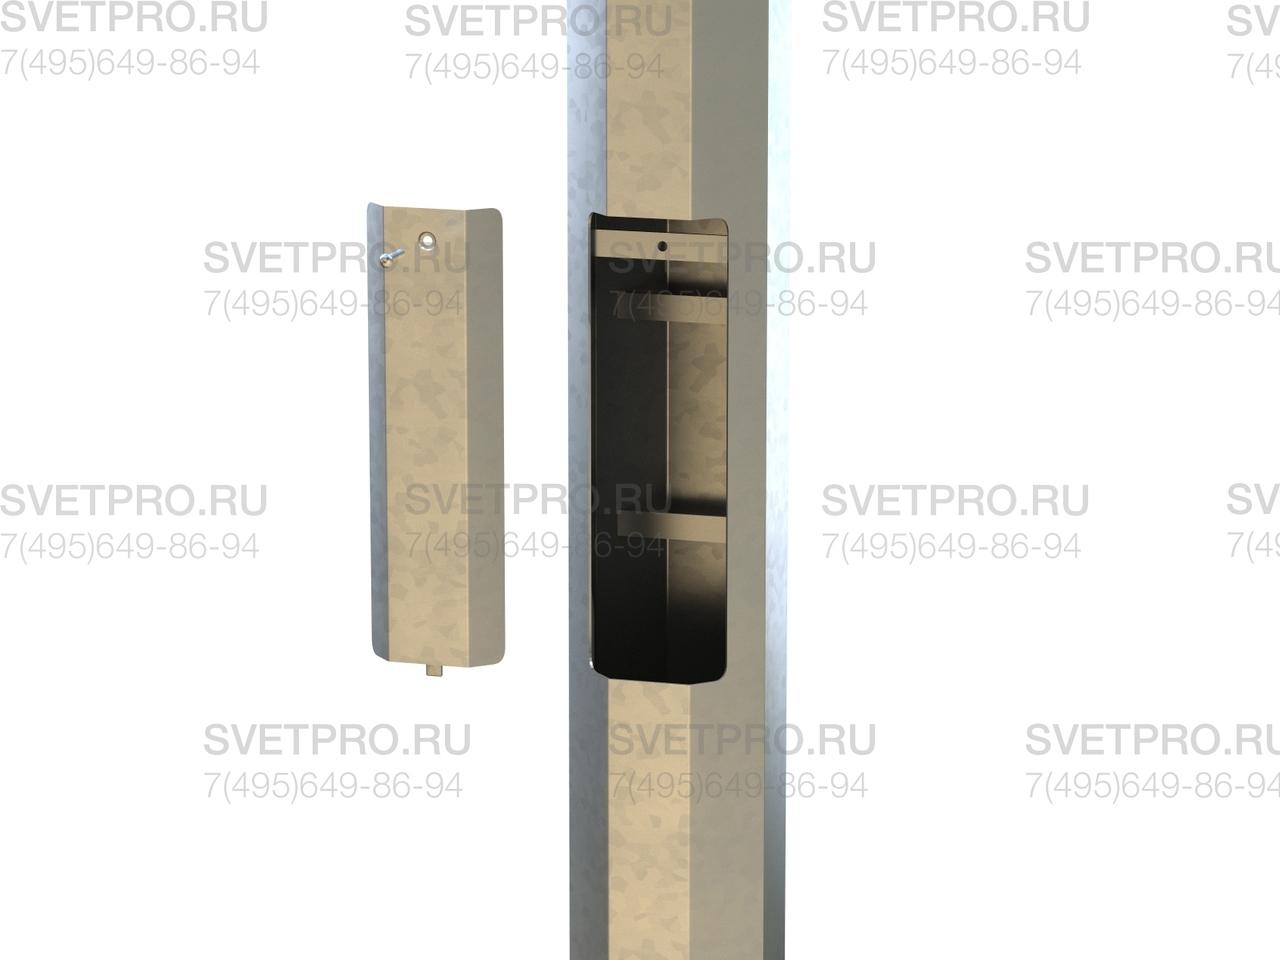 Ревизионное отверстие необходимо для подключения силовой подземной линии к проводке опоры. Внутри технологического лючка имеются монтажные планки, на которые крепится вводный щиток. Отверстие закрывается крышкой для защиты от осадков и посторонних.